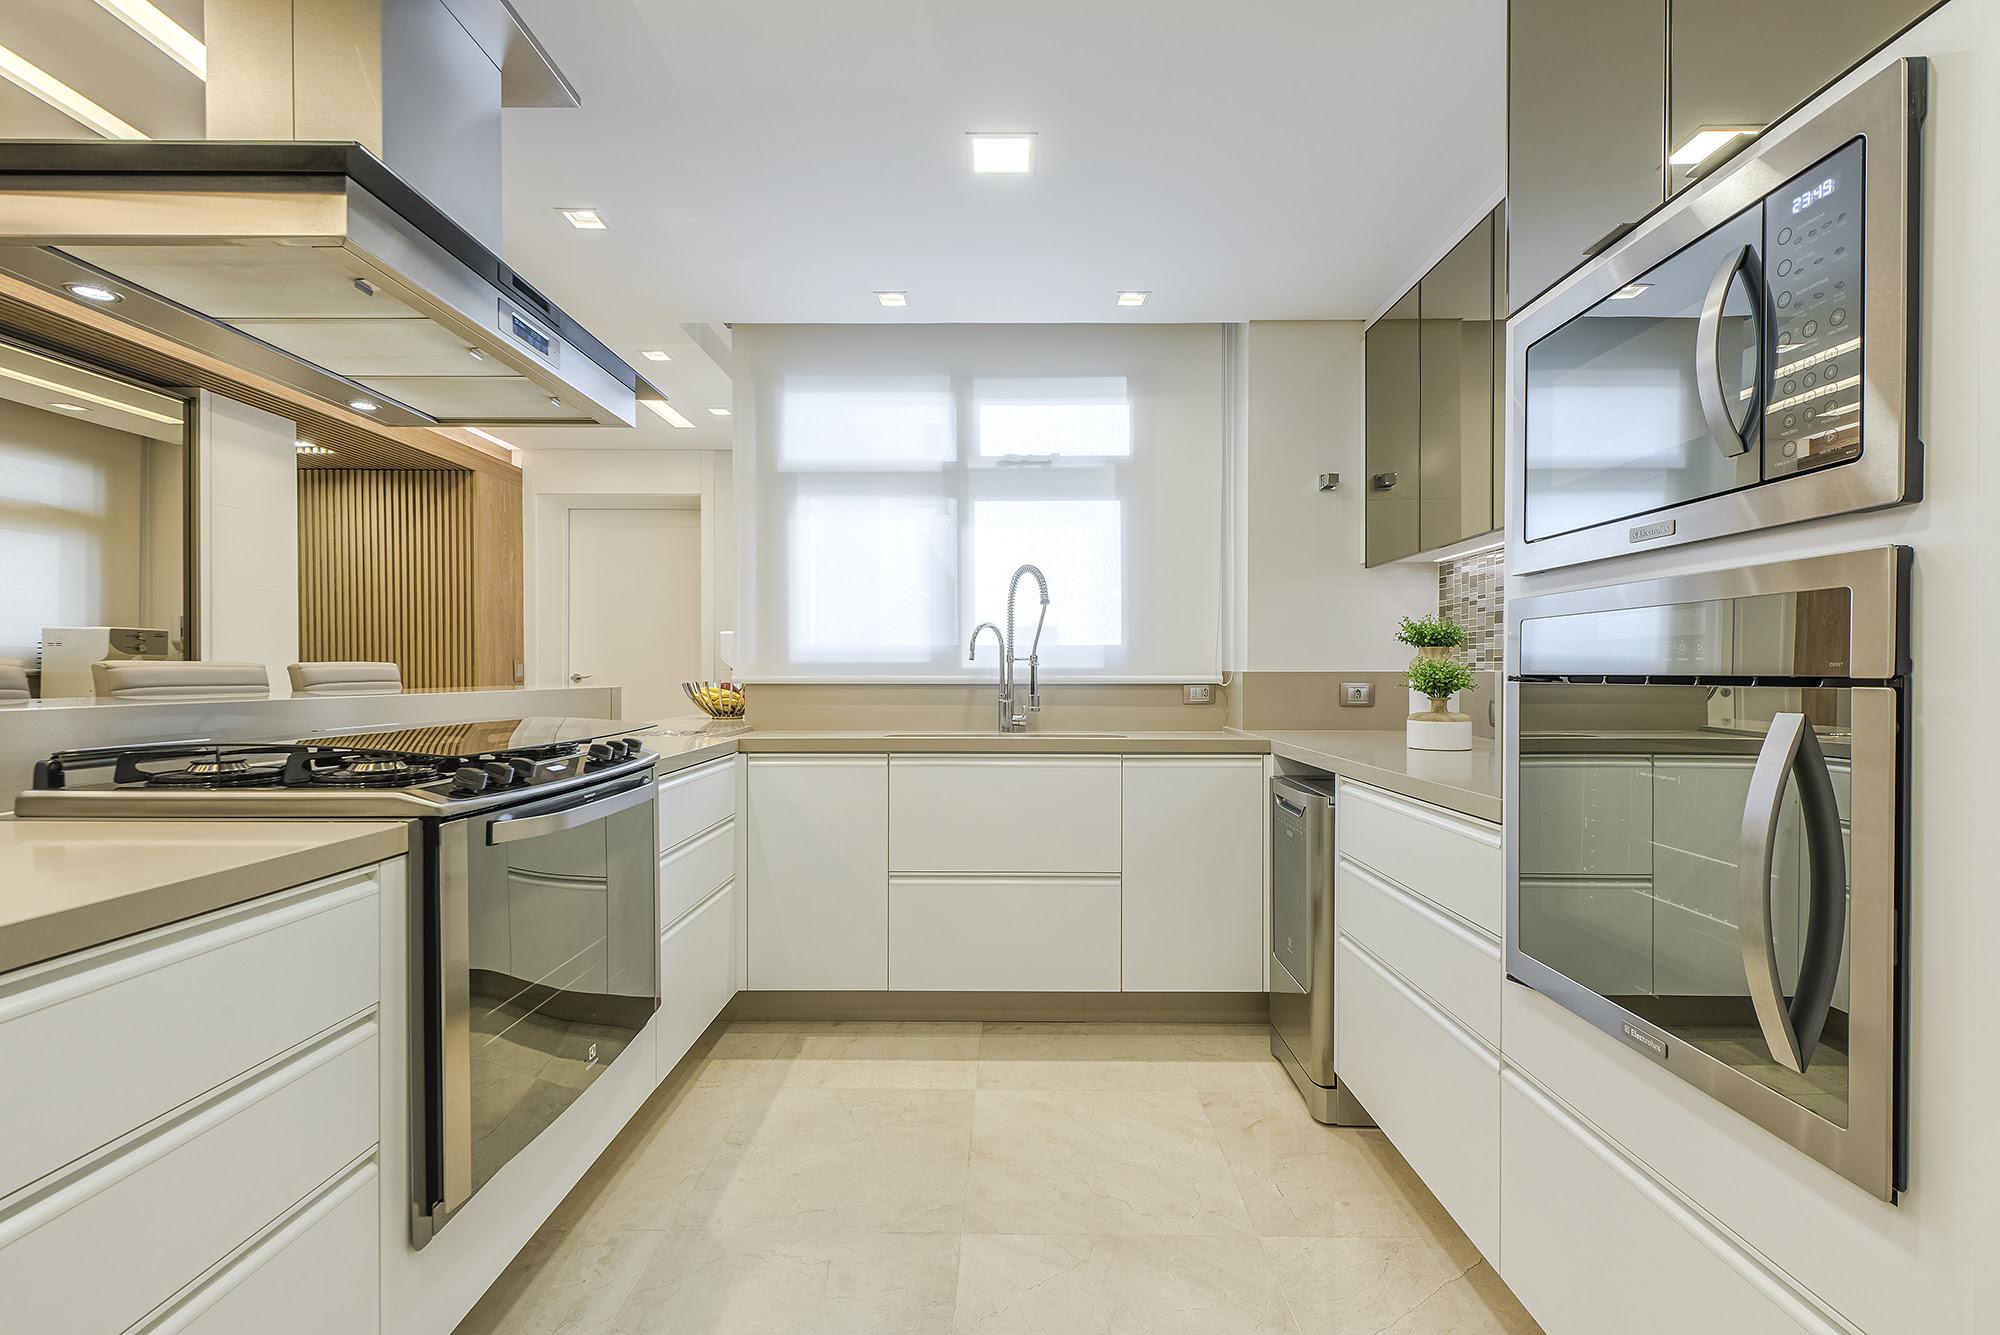 Marcenaria planejada é aliada na hora de projetar uma cozinha funcional. Na foto, projeto de Alessandra Gandolfi.